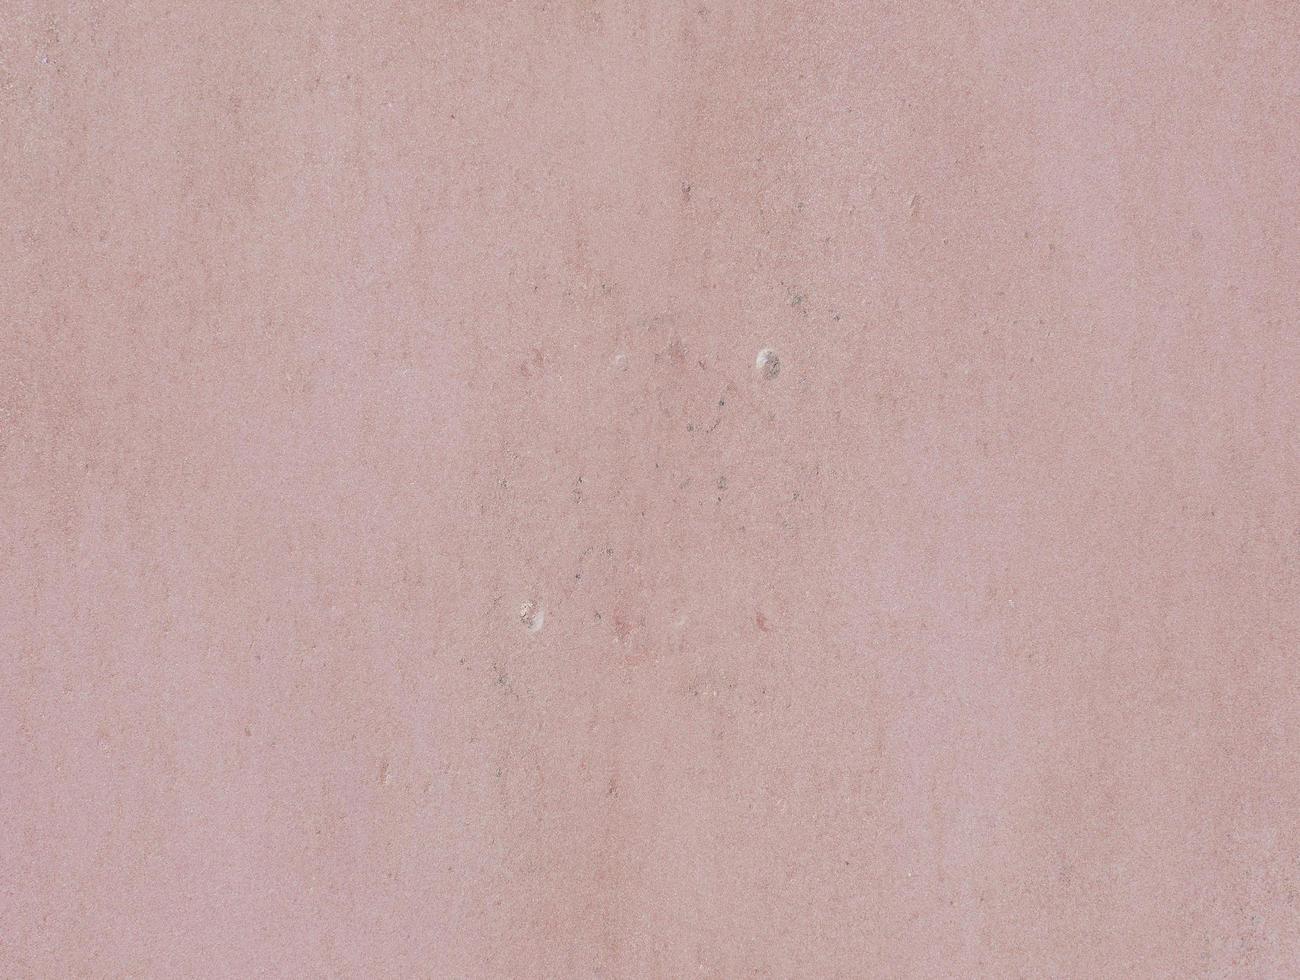 rosa vägg konsistens foto